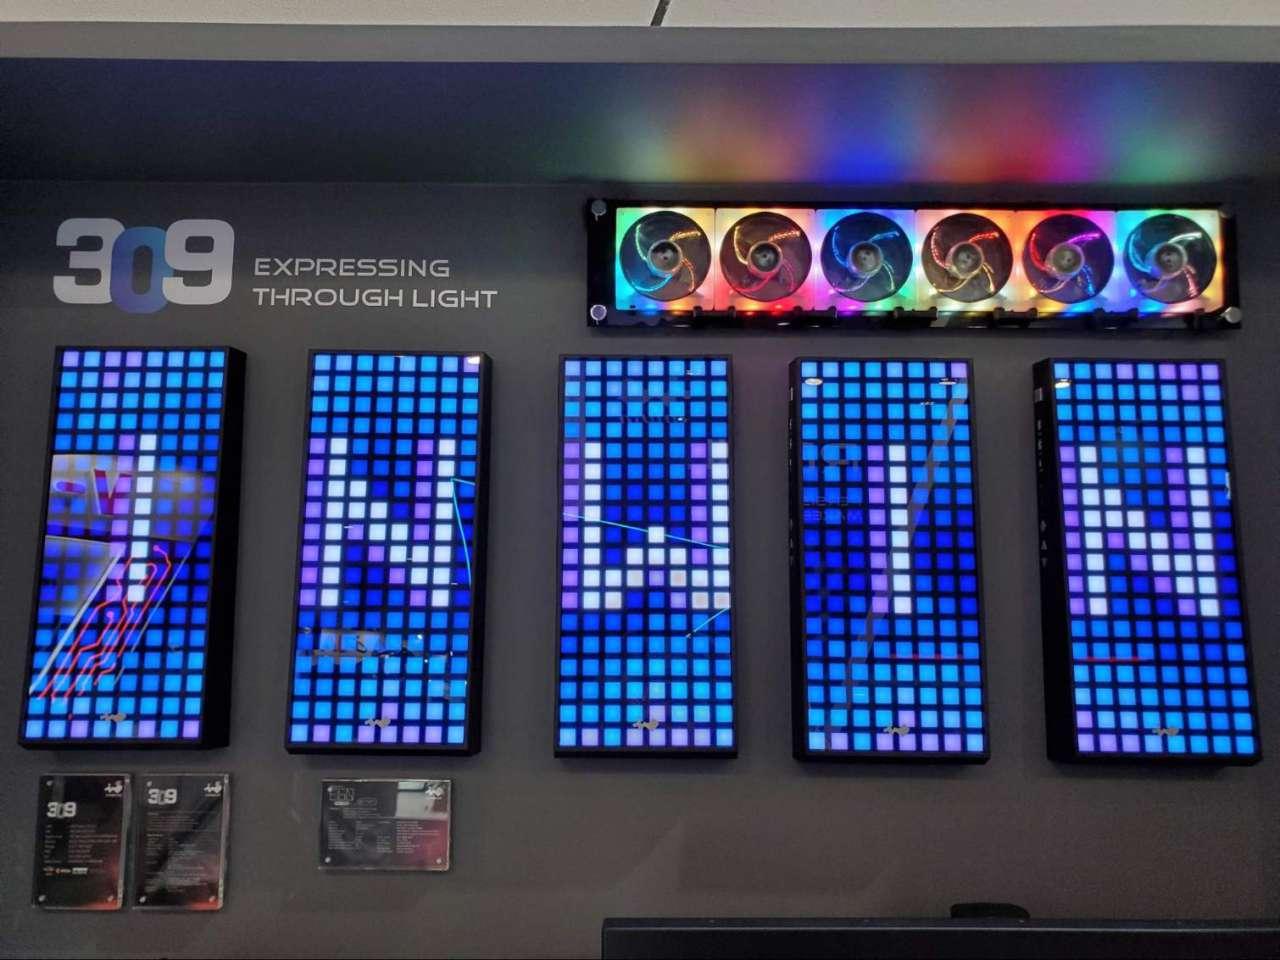 کامپیوتکس 2019: کیسهای In Win با طراحیهای خاص و نورپردازی RGB معرفی شدند